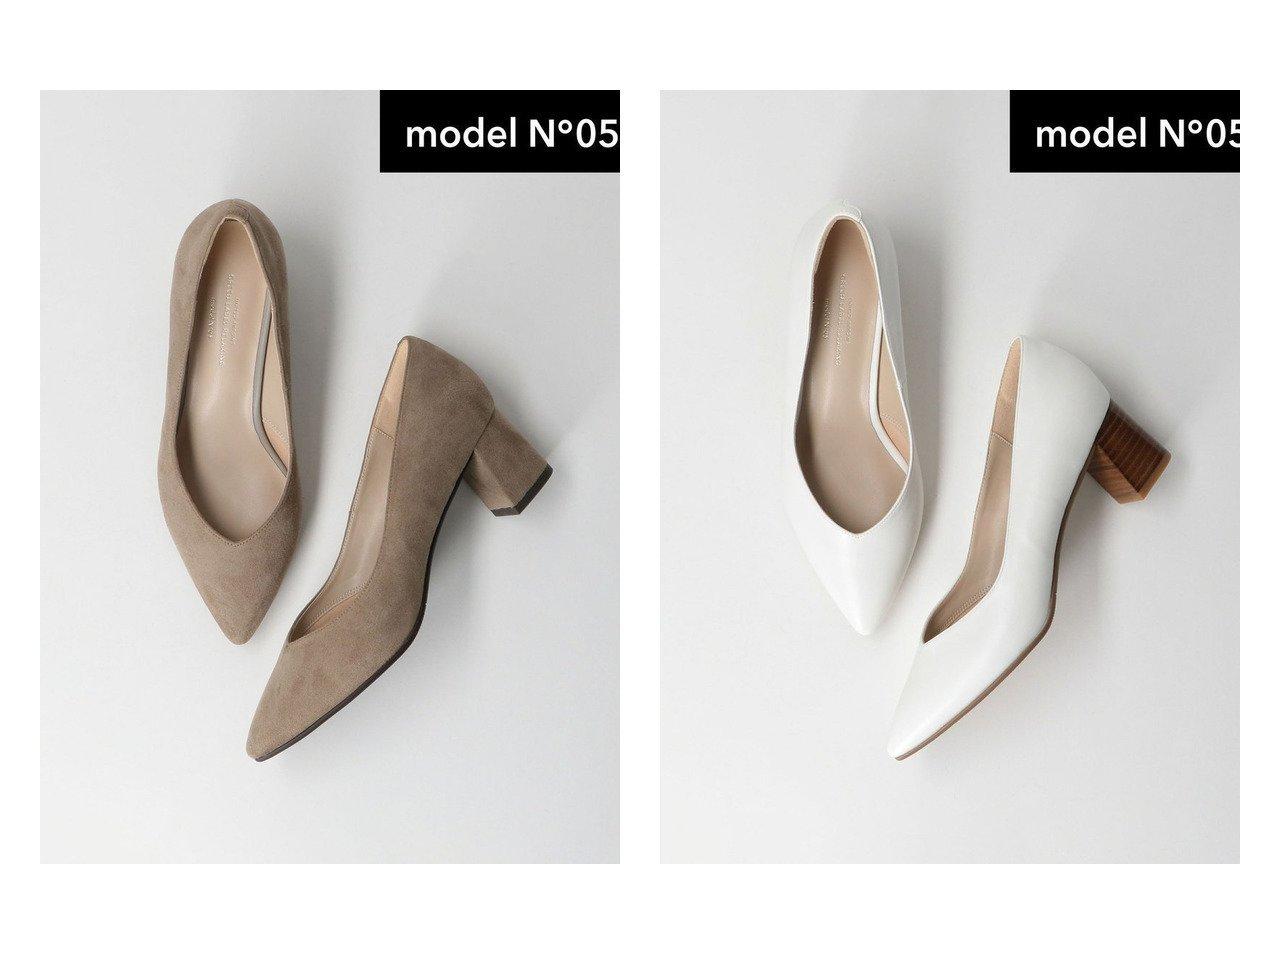 【green label relaxing / UNITED ARROWS/グリーンレーベル リラクシング / ユナイテッドアローズ】のmodel NO.05 D ポインテッド チャンキー パンプス(5cmヒール) 【シューズ・靴】おすすめ!人気トレンド・レディースファッションの通販  おすすめで人気の流行・トレンド、ファッションの通販商品 メンズファッション・キッズファッション・インテリア・家具・レディースファッション・服の通販 founy(ファニー) https://founy.com/ ファッション Fashion レディースファッション WOMEN カッティング サテン シューズ トレンド パイソン プレーン ベーシック ポインテッド ミドル おすすめ Recommend |ID:crp329100000029630